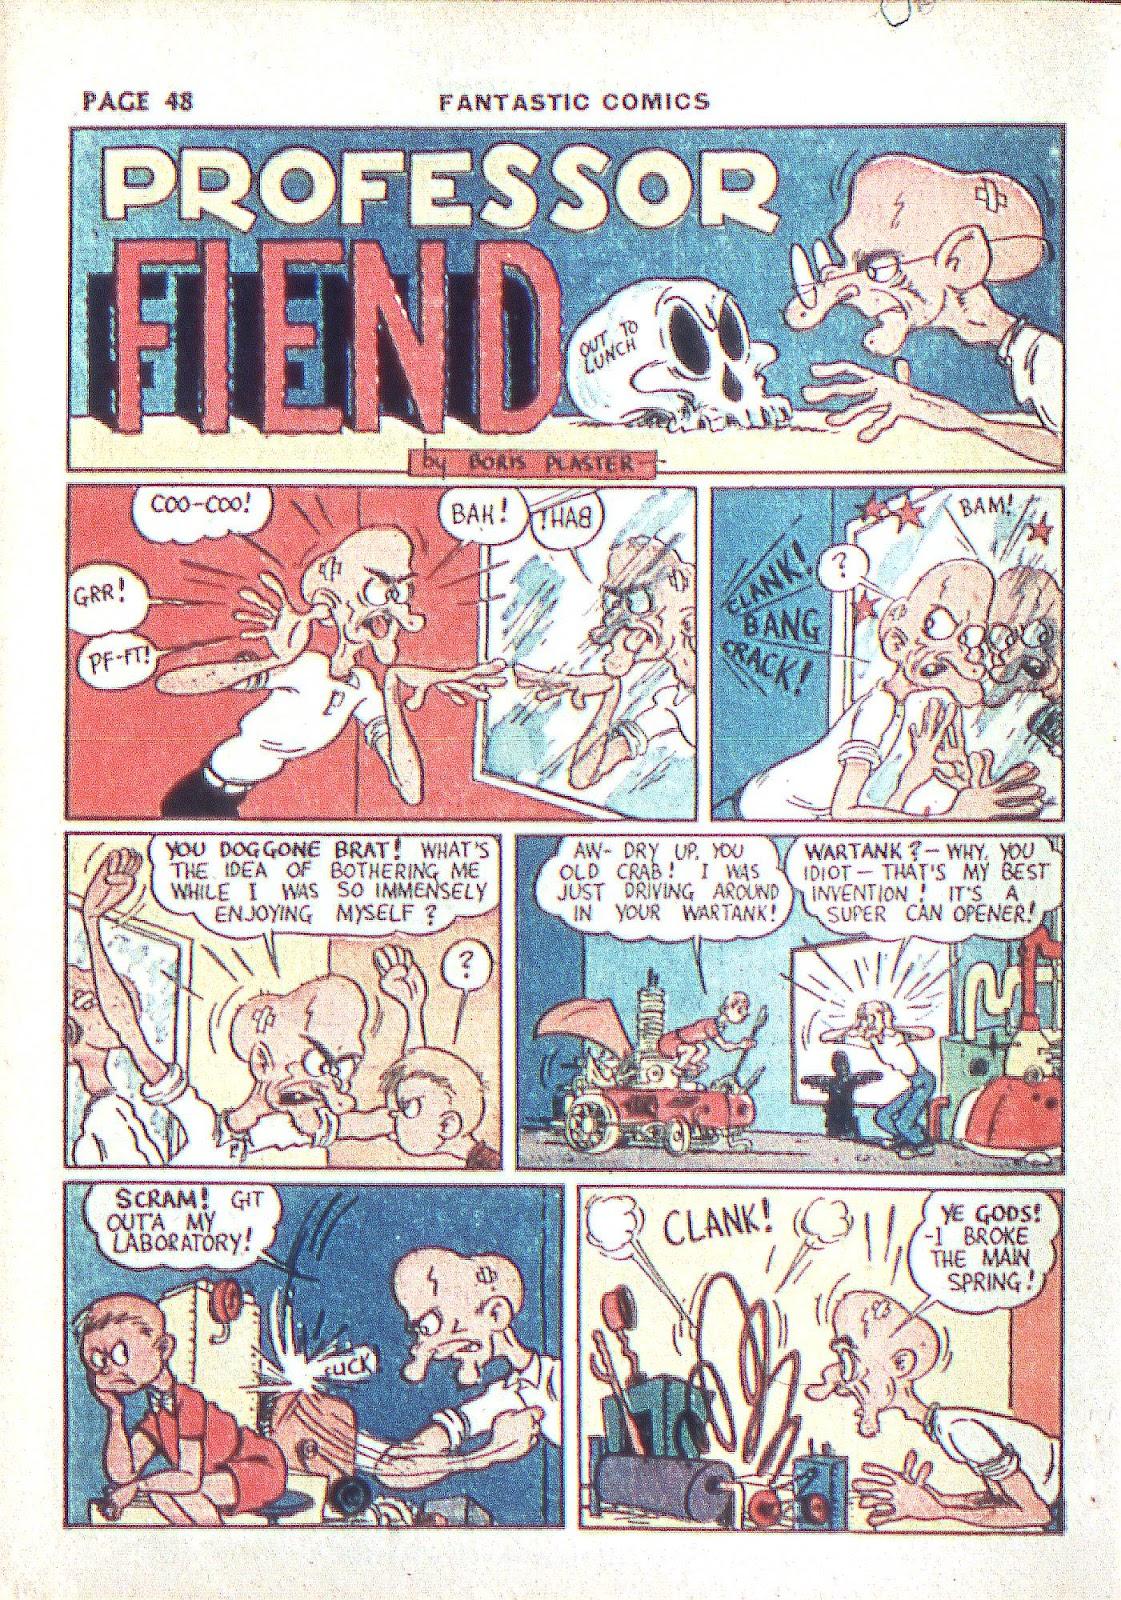 Read online Fantastic Comics comic -  Issue #3 - 50